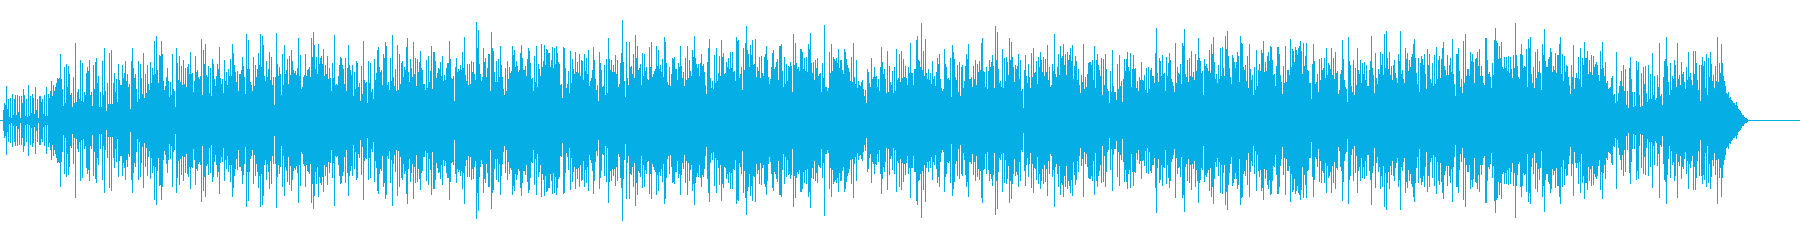 心地よさ溢れる典型的ジャズの再生済みの波形